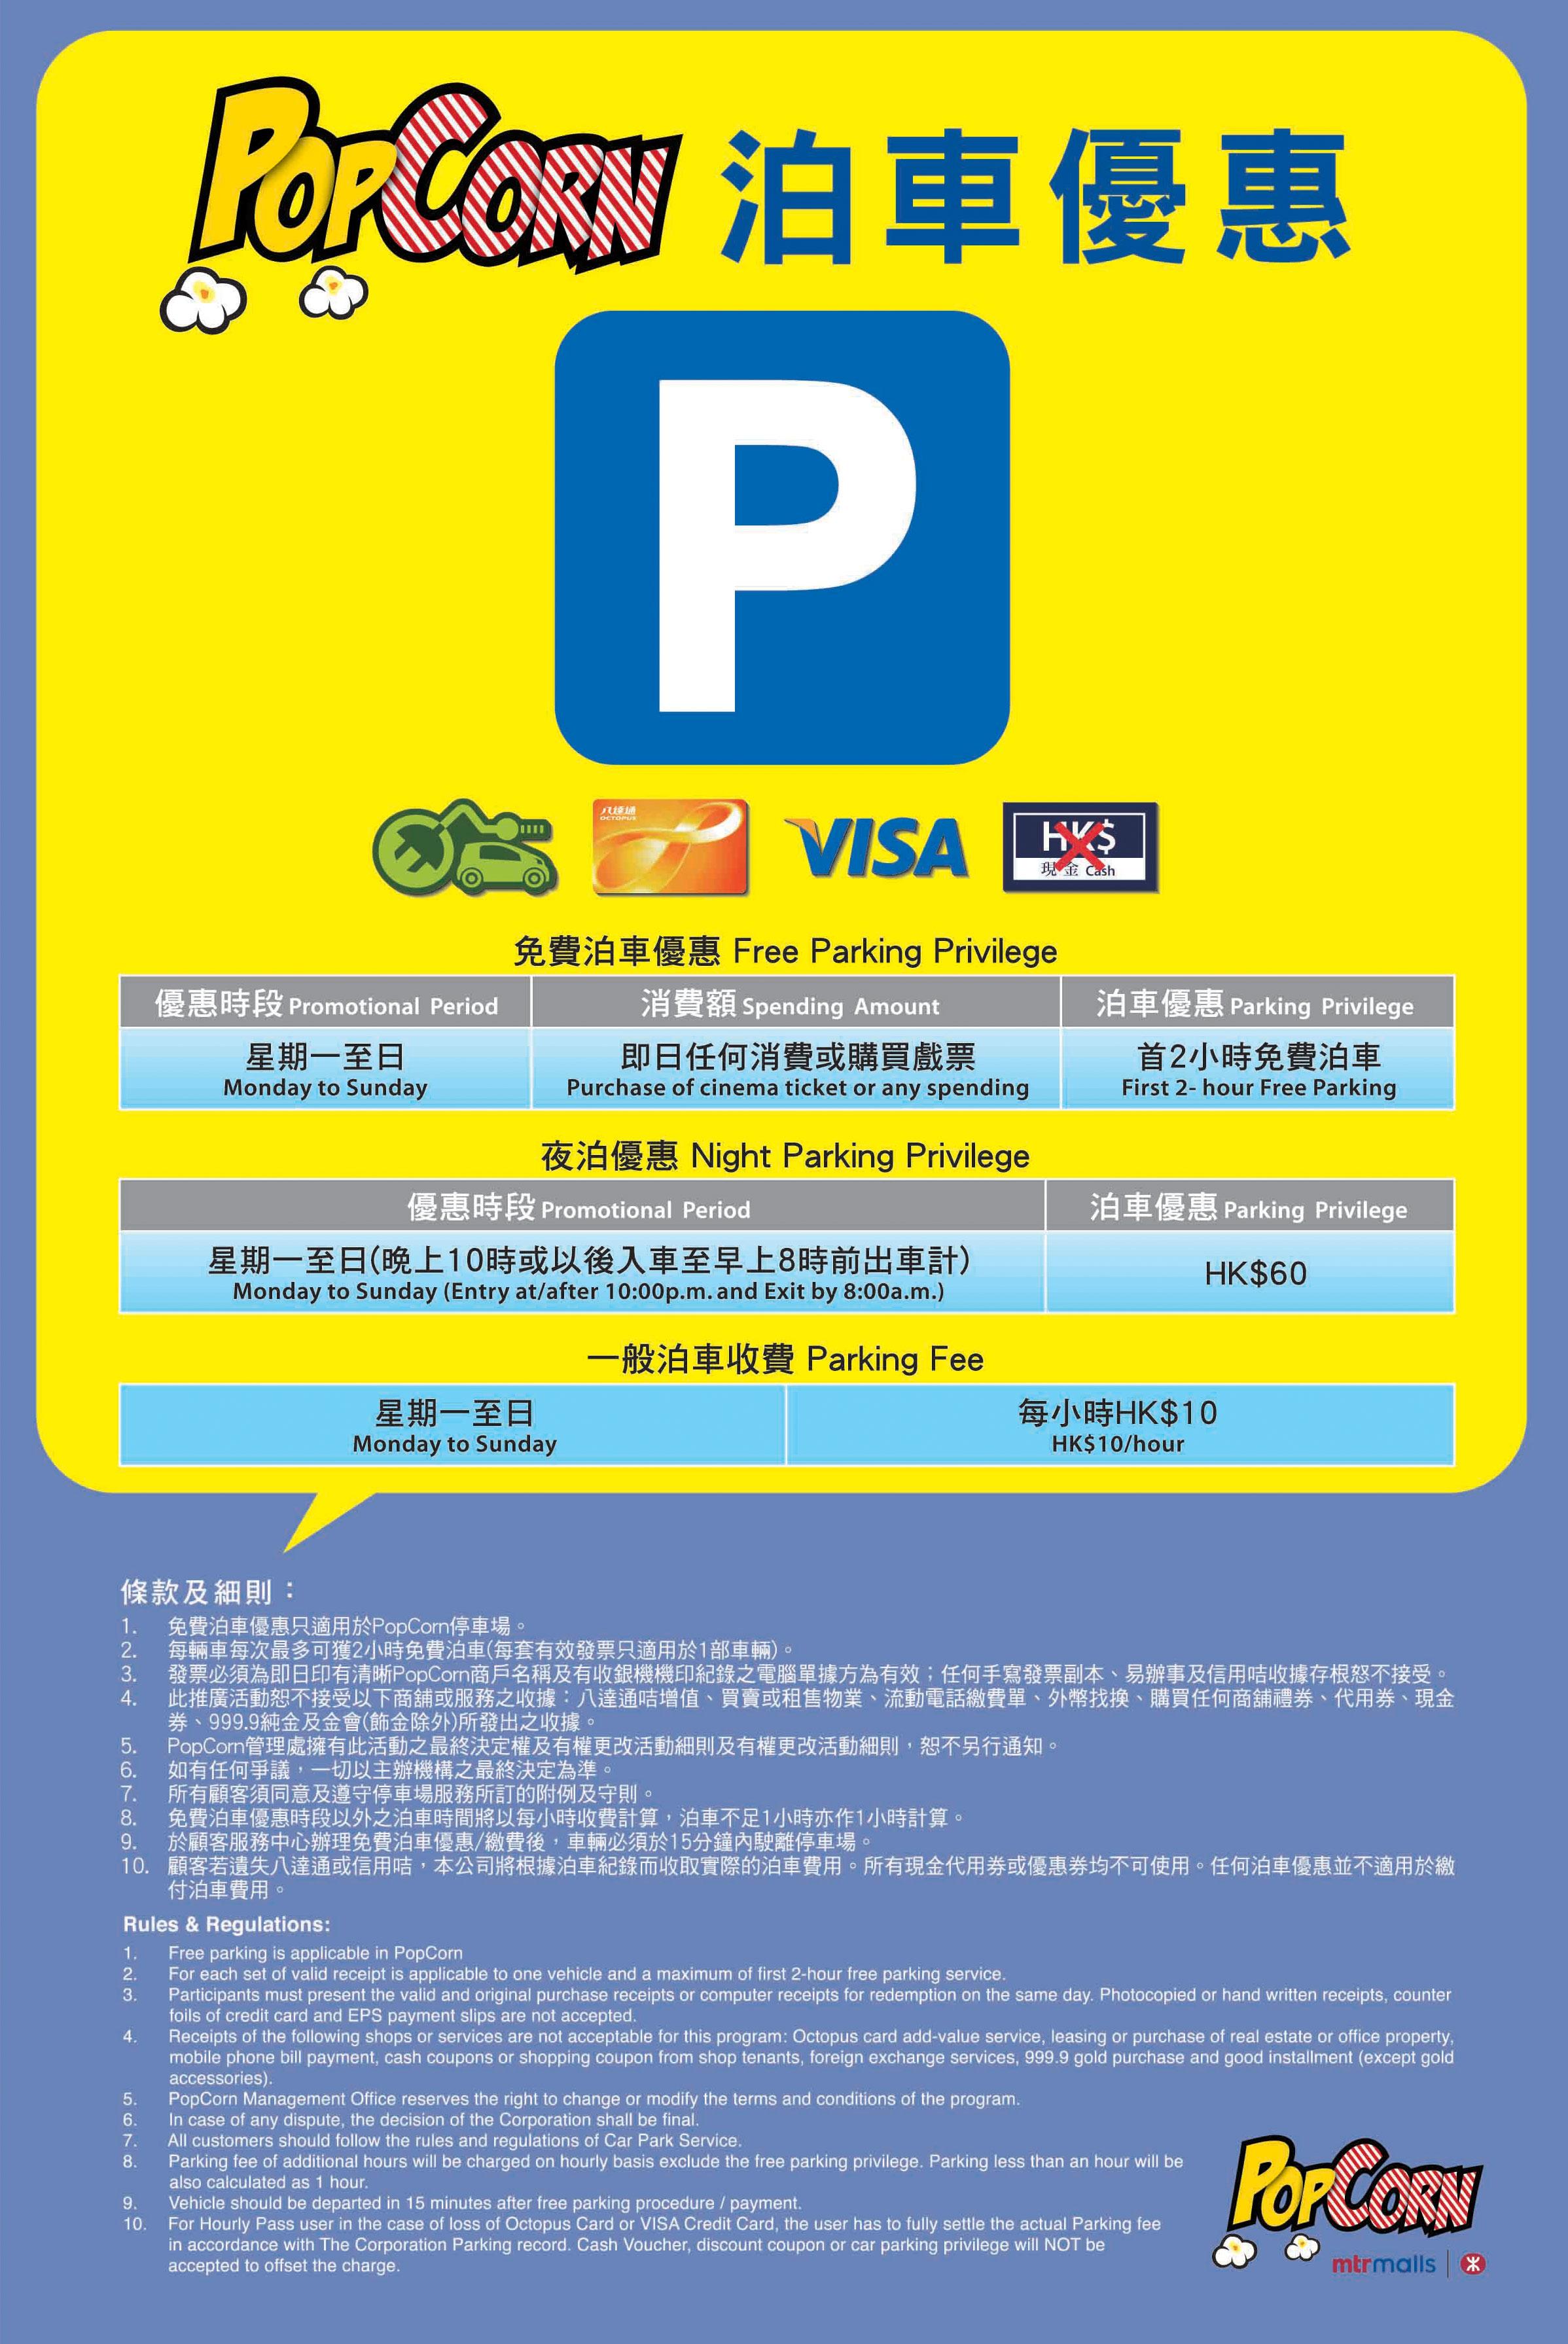 將軍澳 PopCorn 泊車優惠 : 香港第一車網 Car1.hk